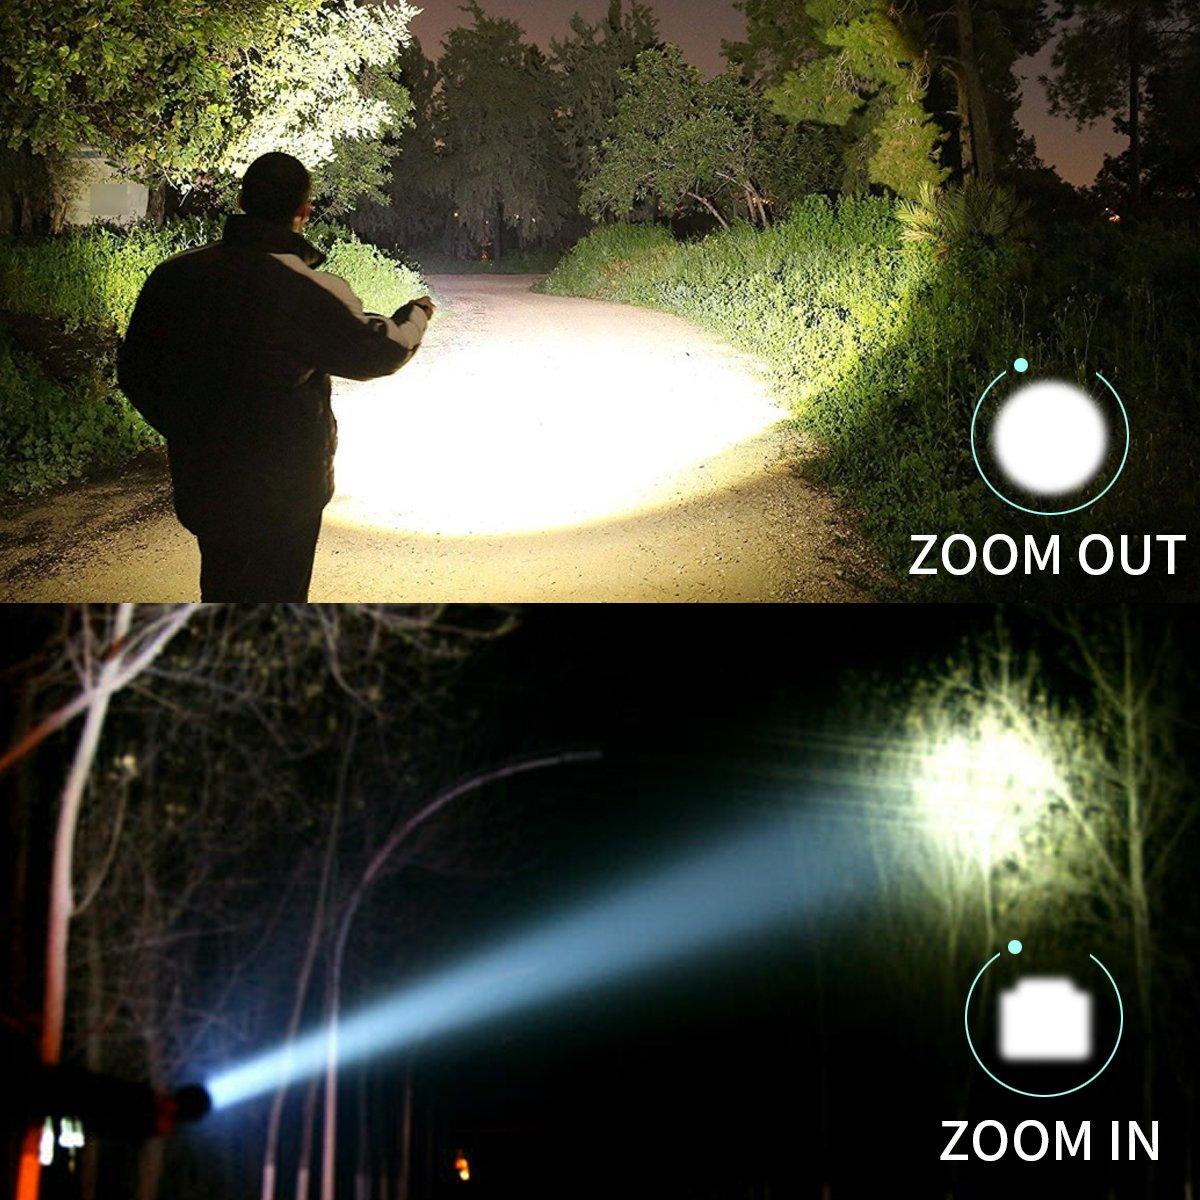 2 en 1 Lampe Torche LED 350m de Distance avec 395NM Lumi/ère Ultraviolet Lampe de Poche Tactique et Lampe Torche UV Cree LED 500 Lumens Puissante 4 Modes Zoomable